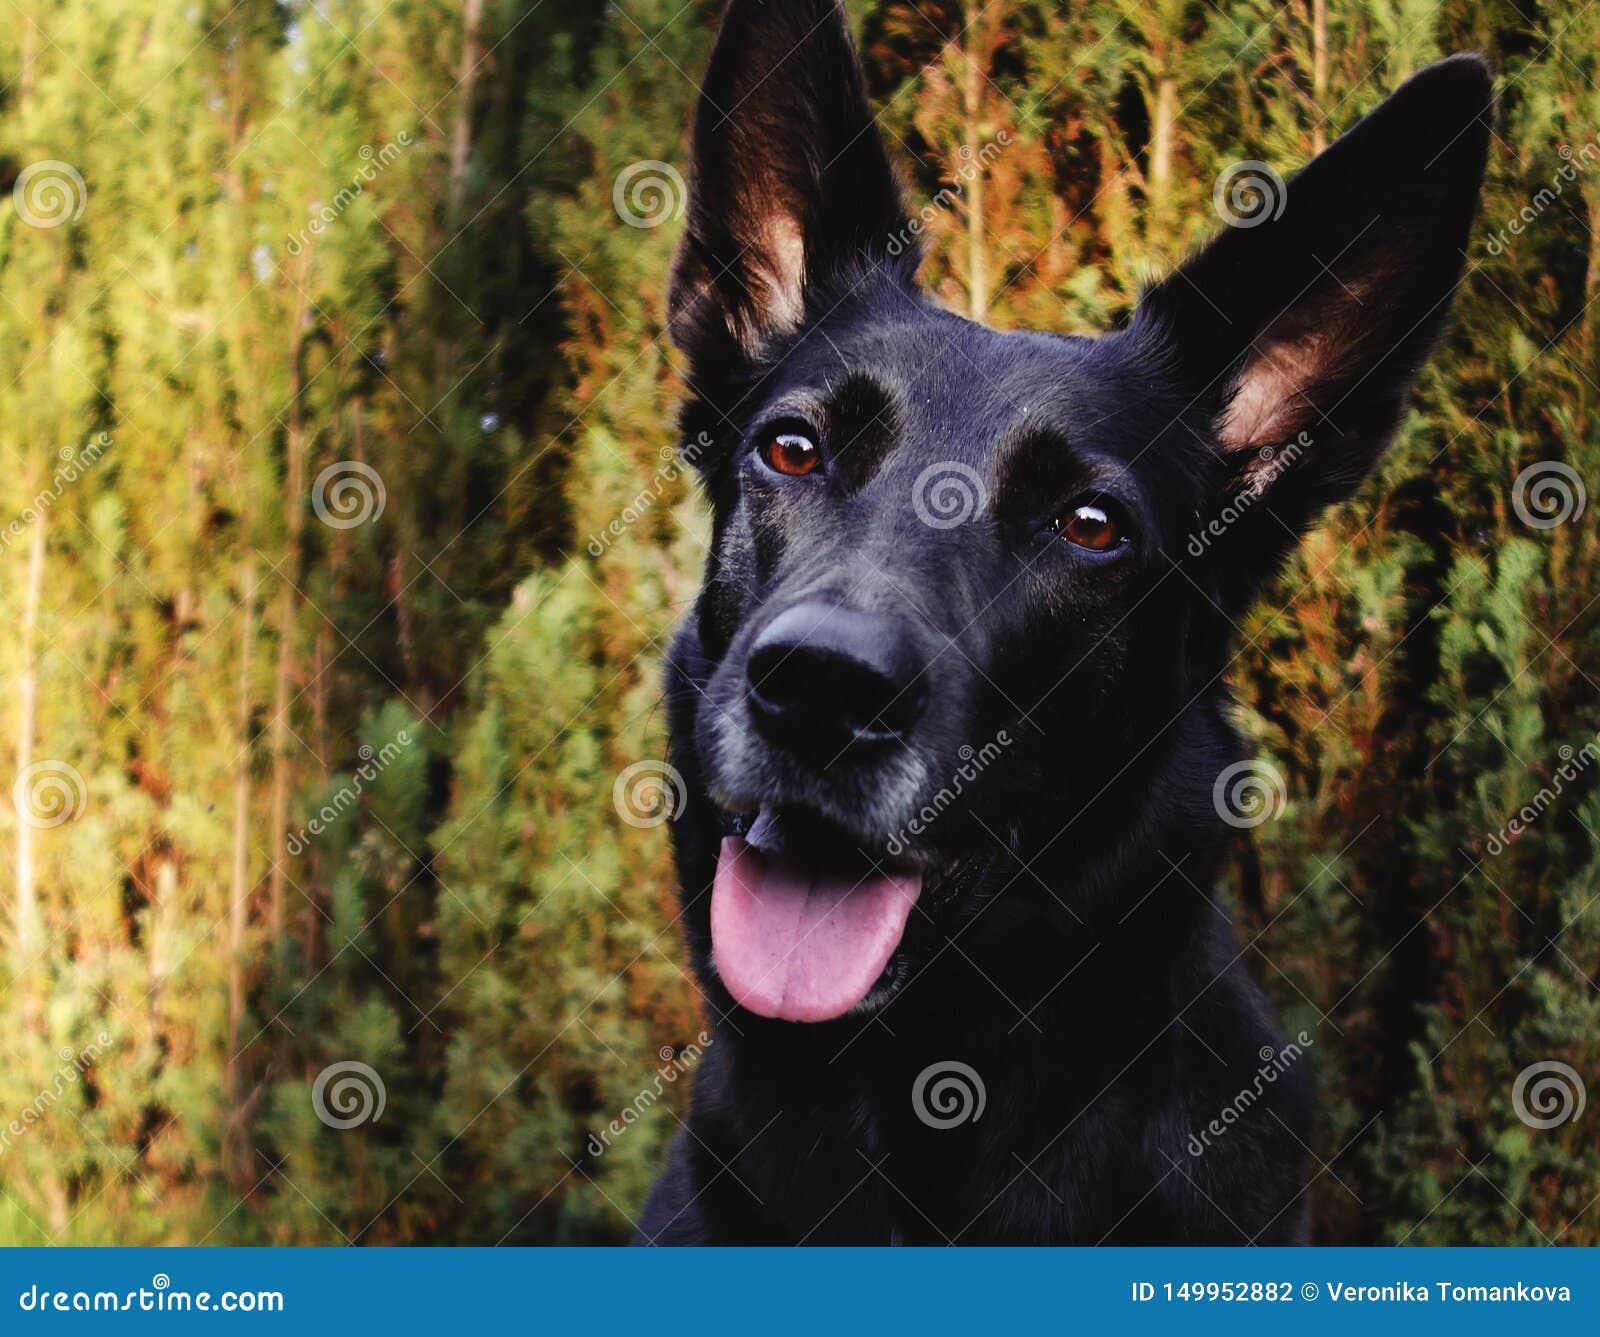 Porträt eines schwarzen Schäferhundes auf dem Garten